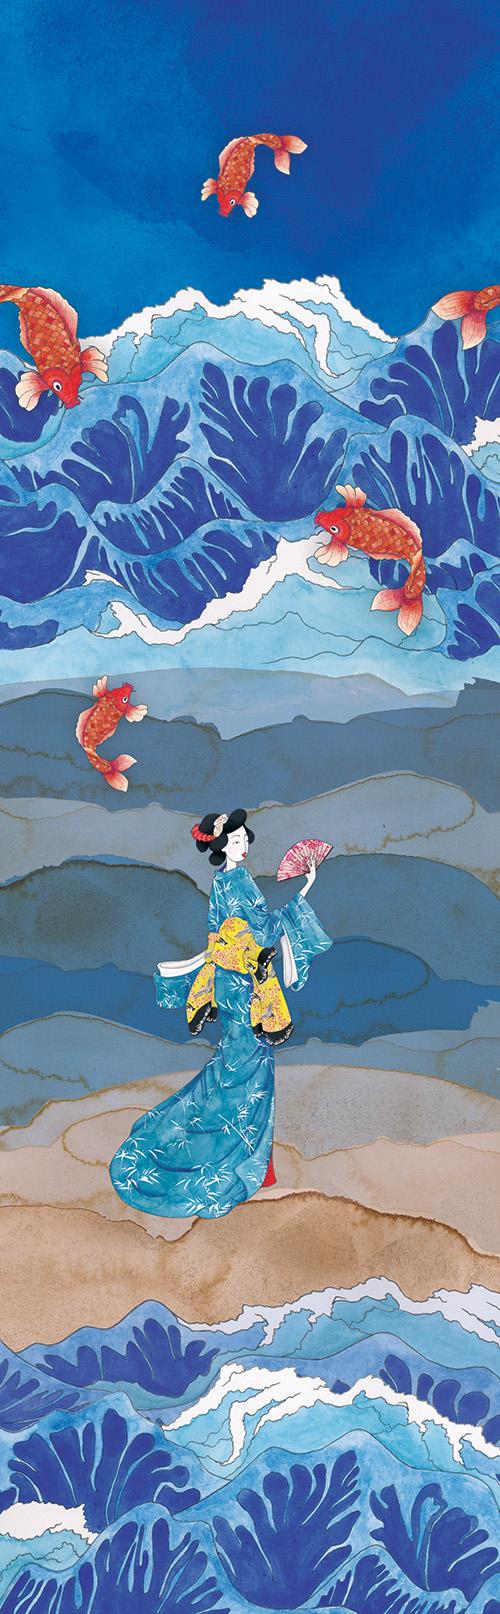 Japonais illustration aquarelle droite